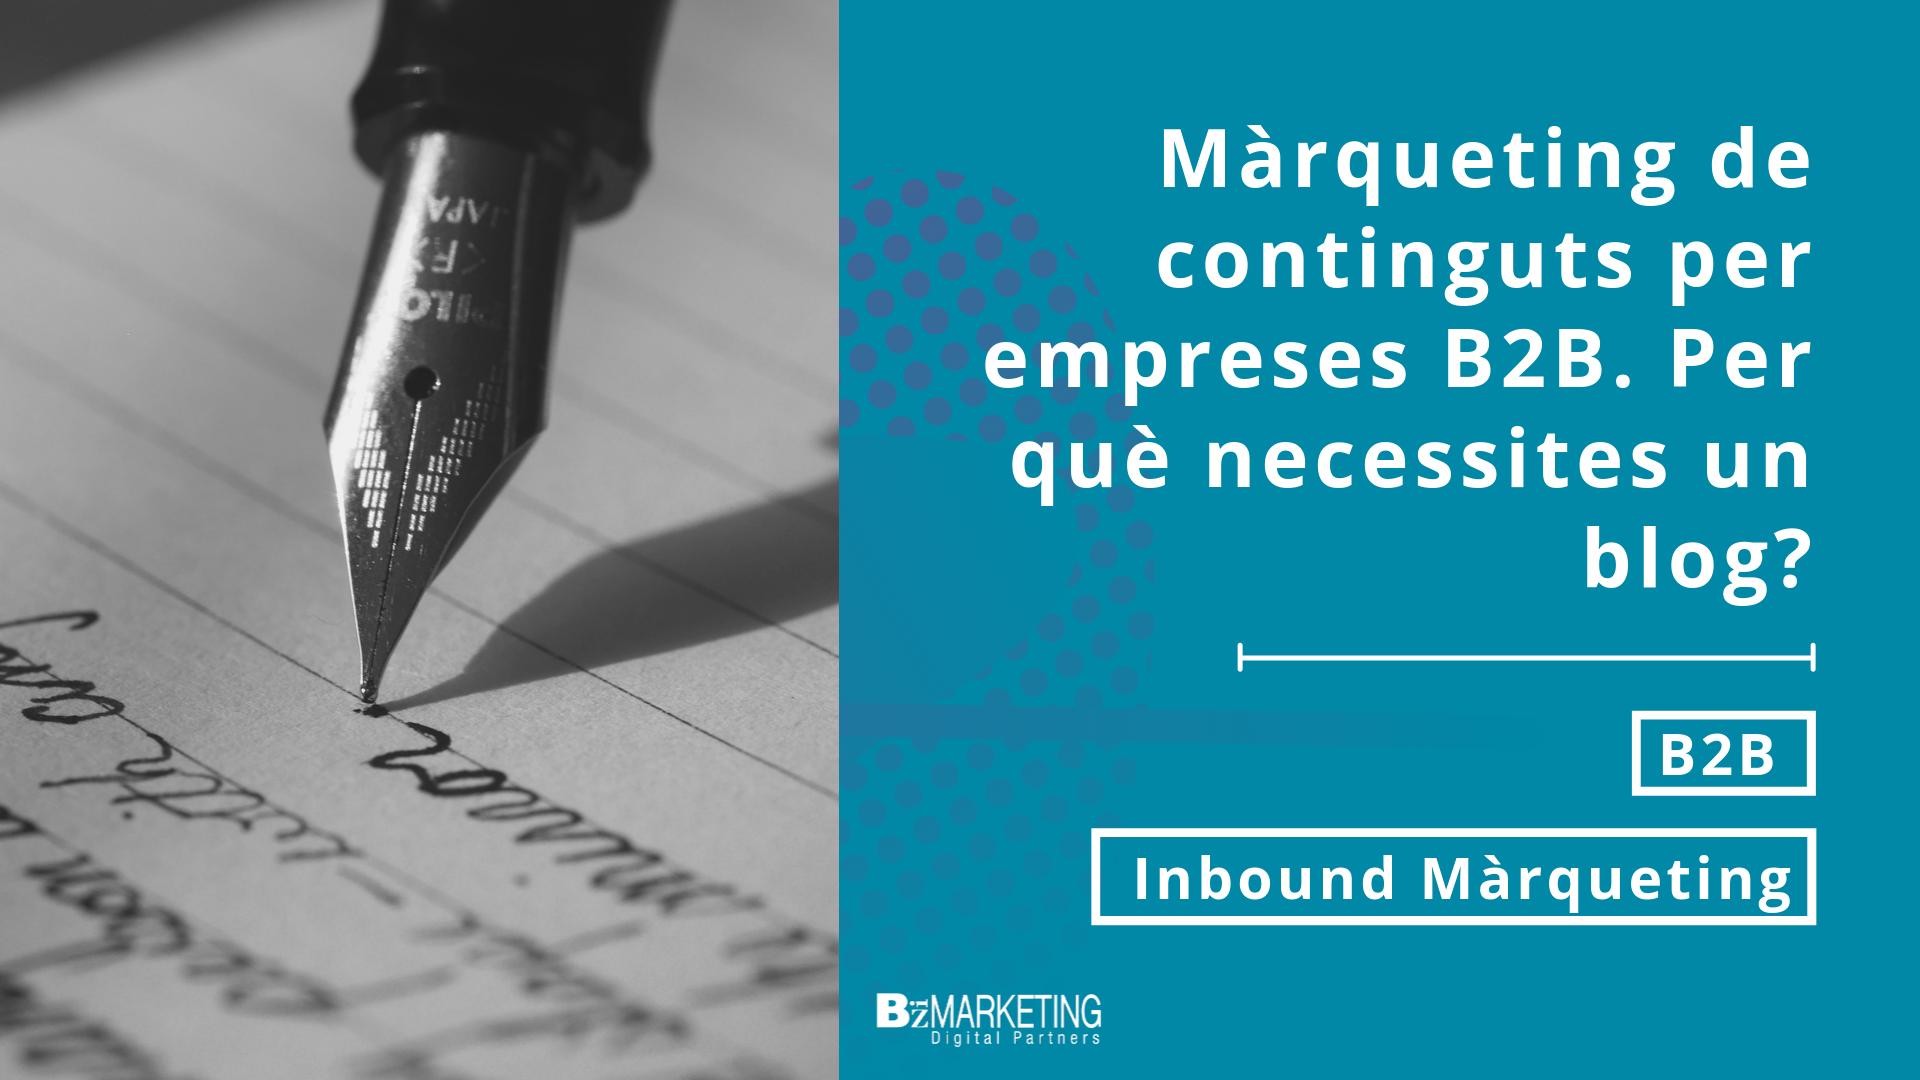 Marqueting-de-continguts-per-empreses-b2b-necessites-un-blog-empreserial-inbound-marketing-bizmarketing